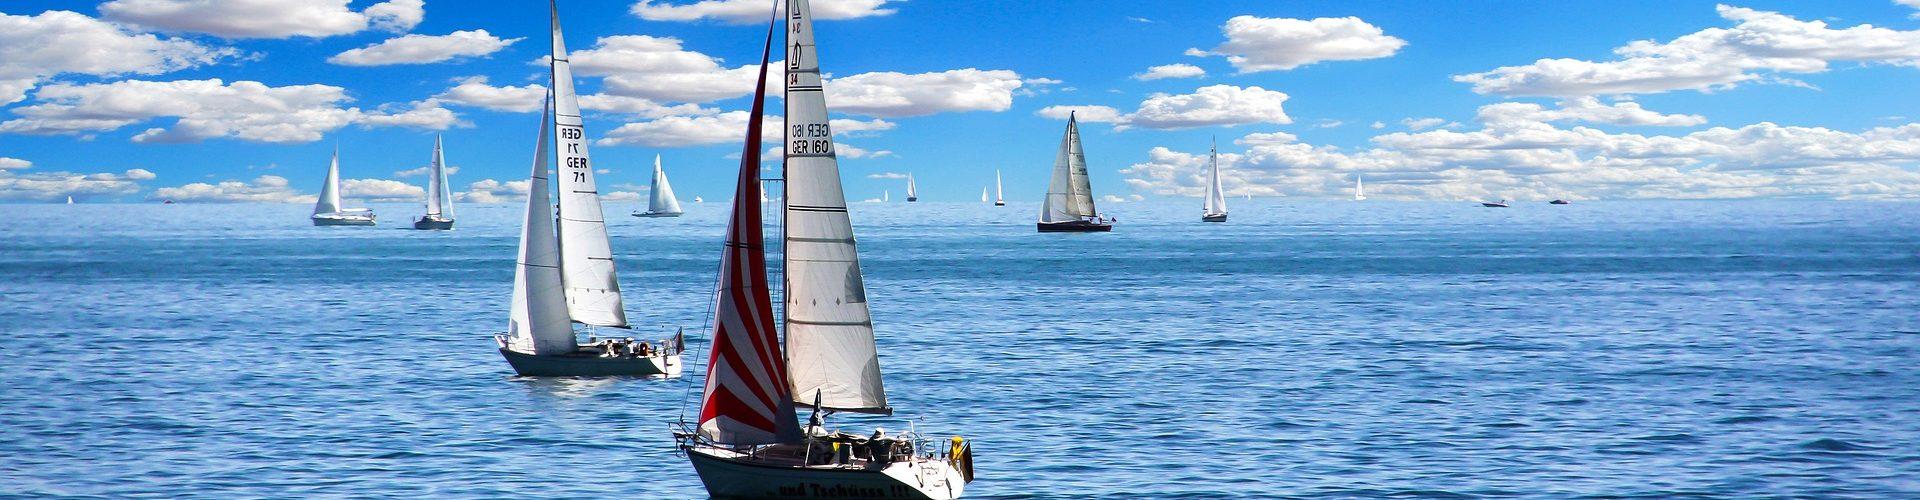 segeln lernen in Harsefeld segelschein machen in Harsefeld 1920x500 - Segeln lernen in Harsefeld